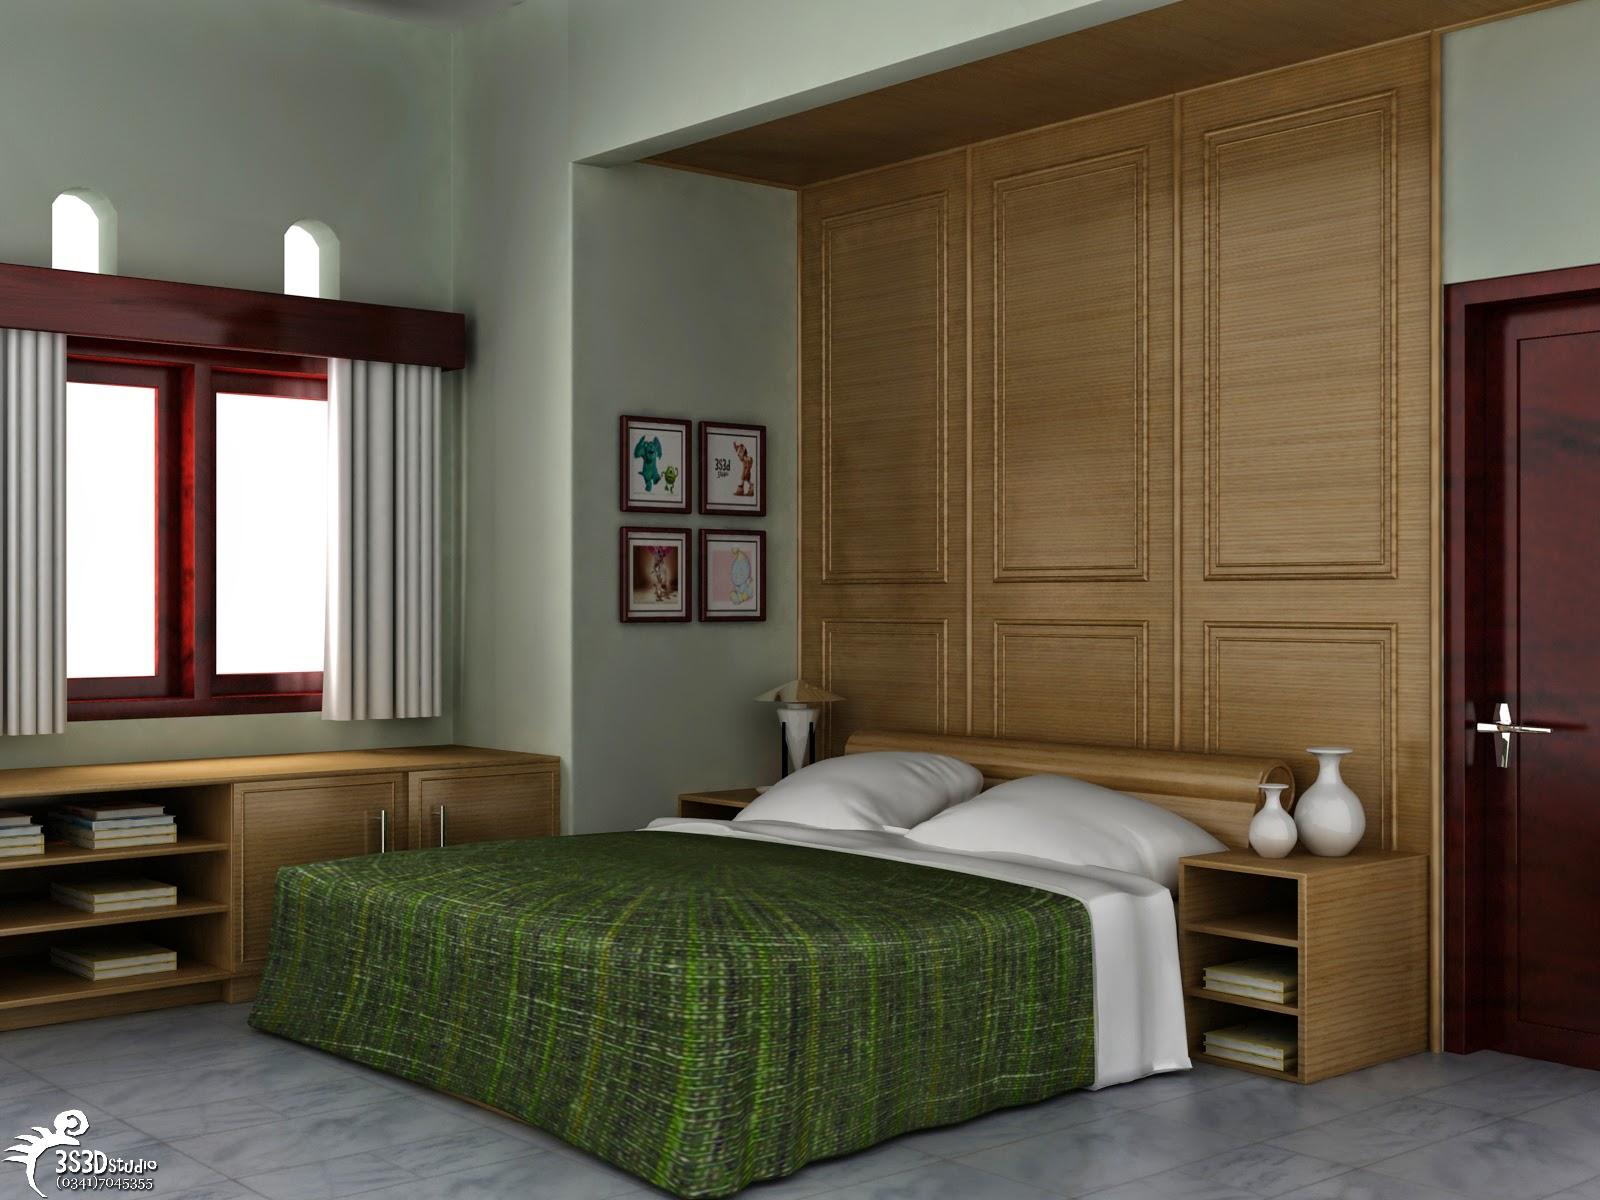 model desain interior kamar tidur yang nyaman | rumah minimalis